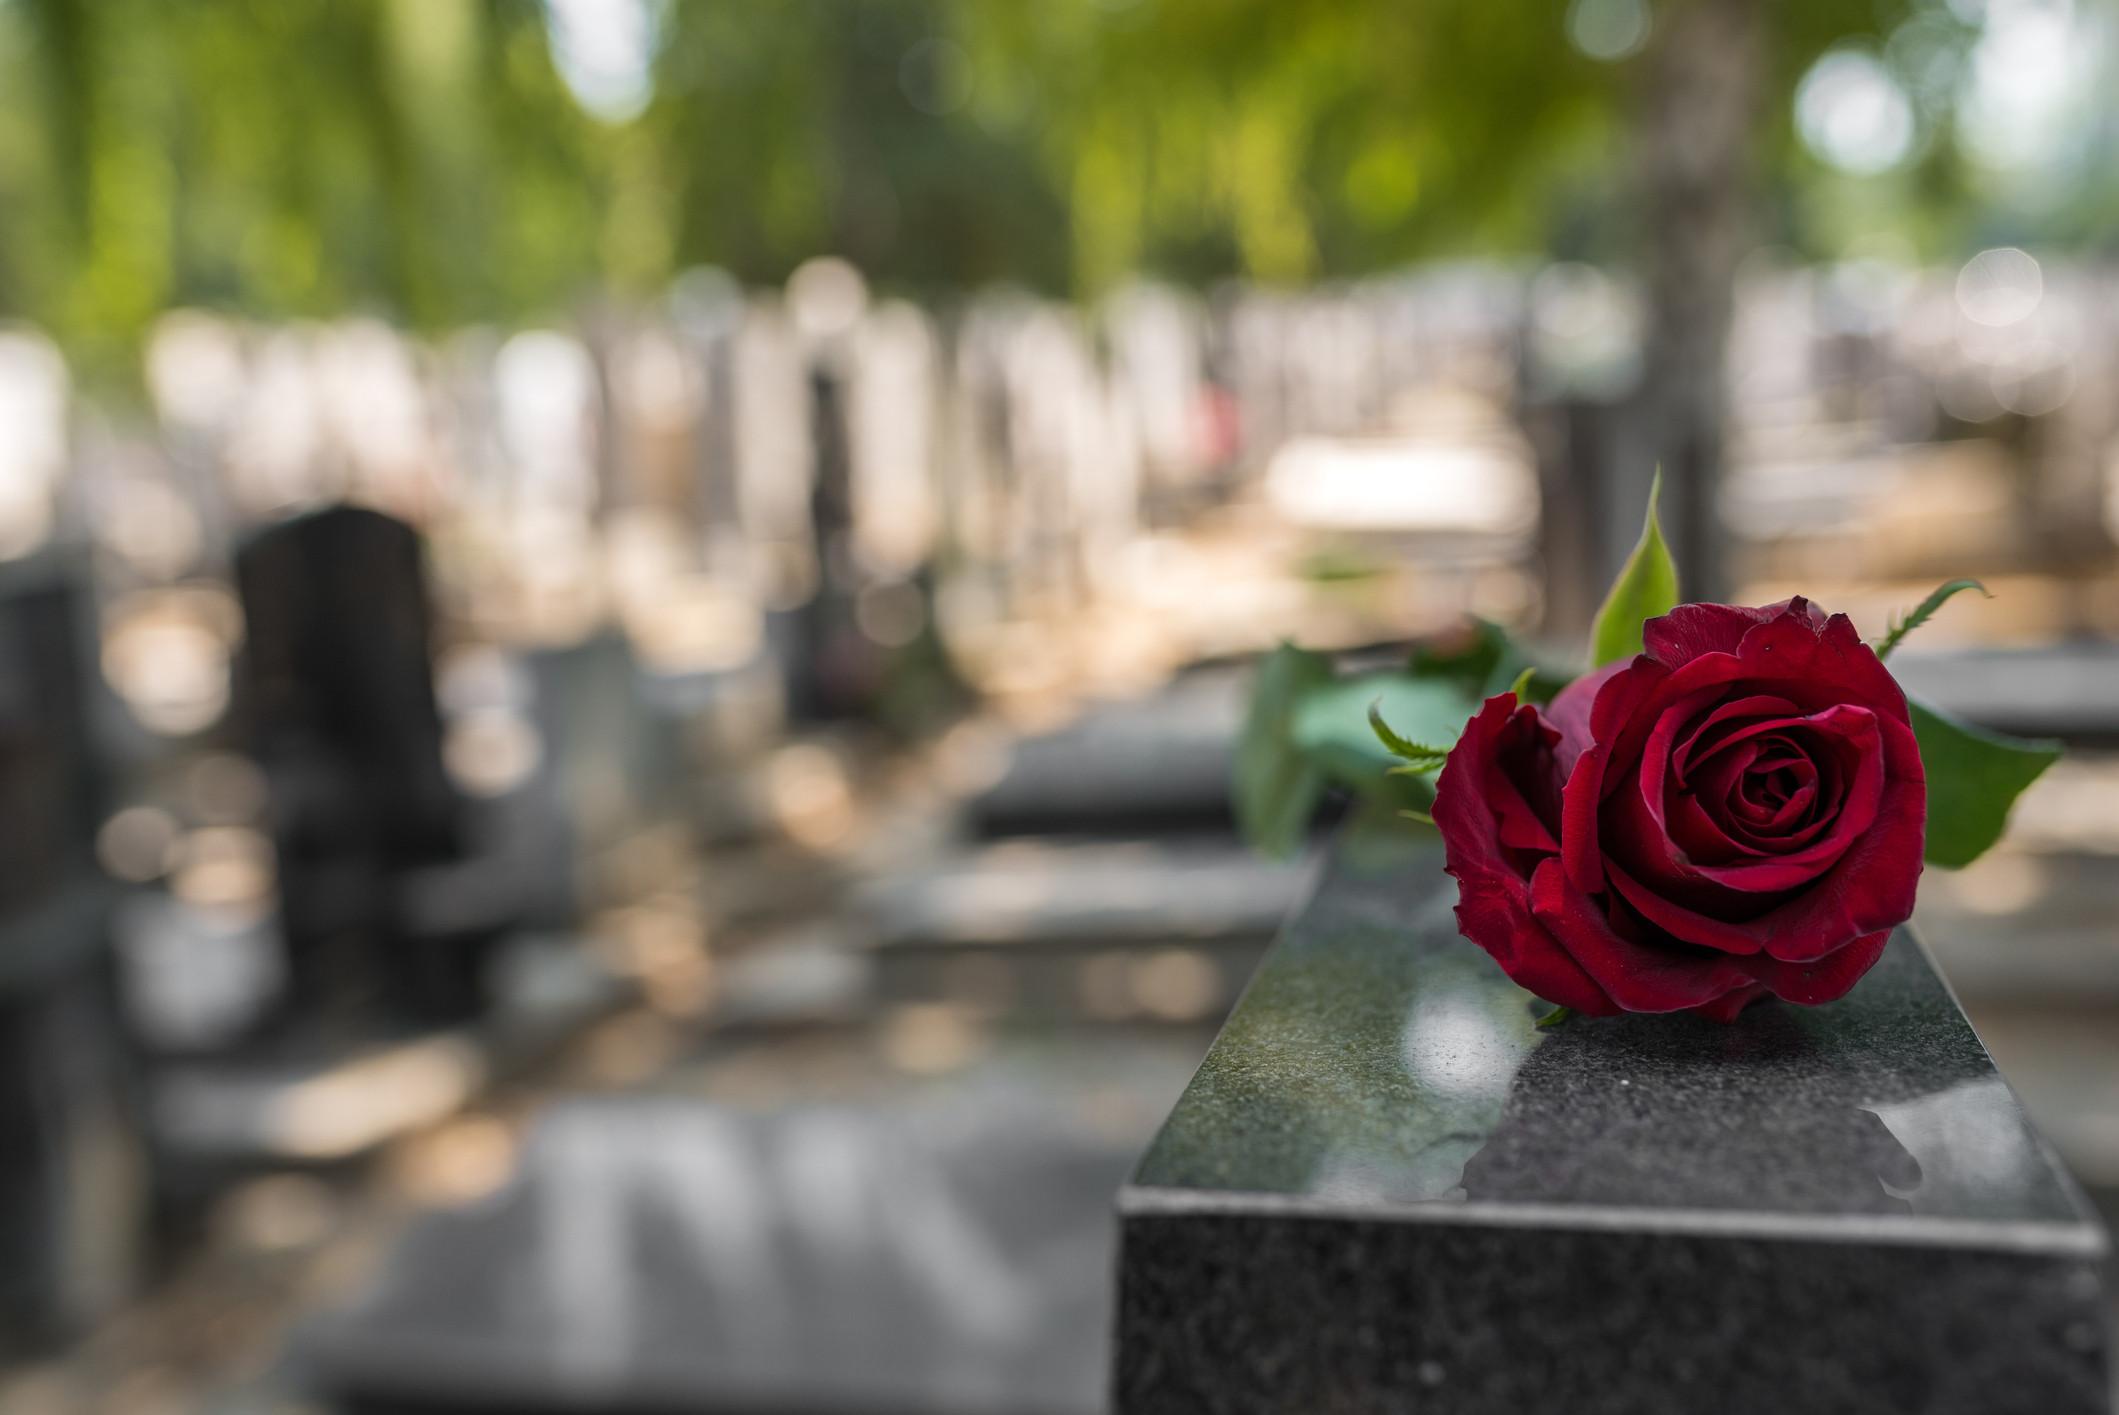 'Curavam' com magia negra. Apanhados a desenterrar objetos no cemitério